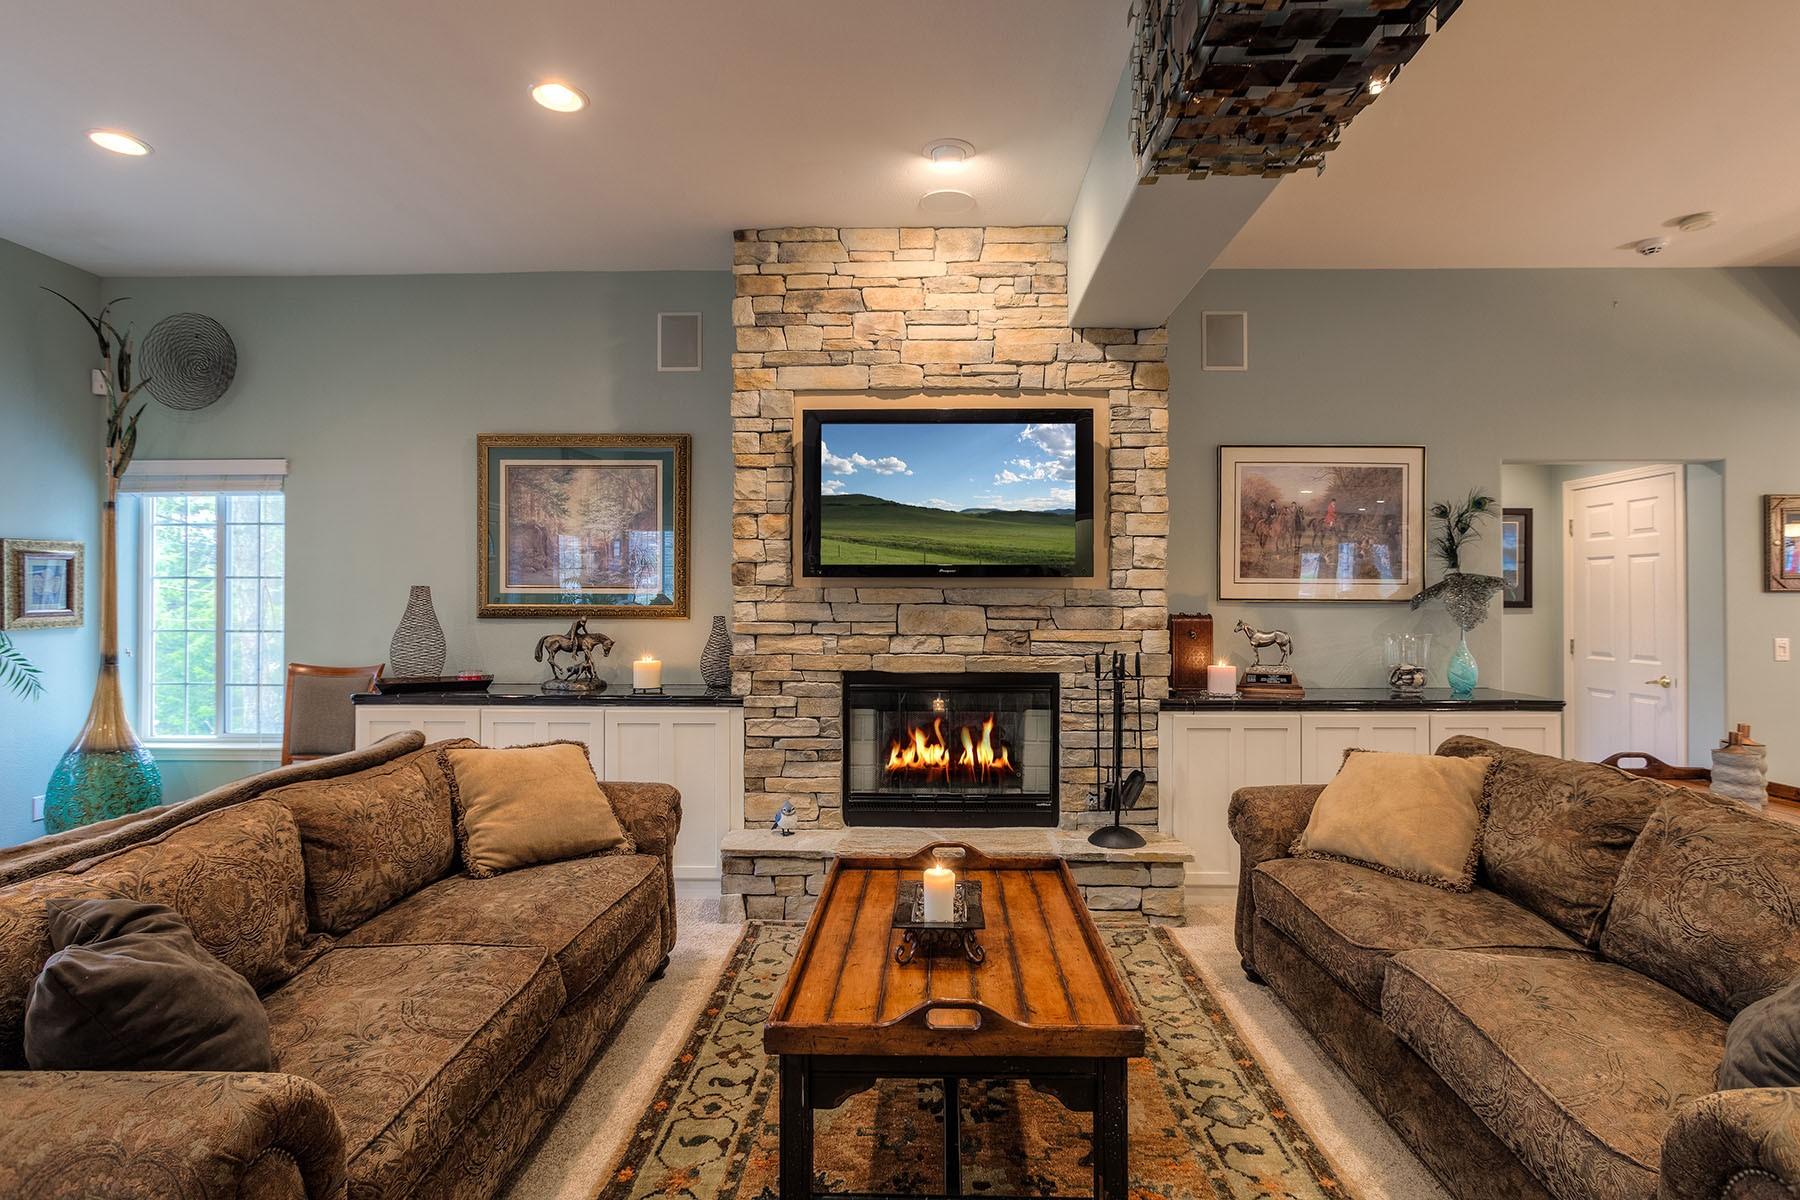 一戸建て のために 売買 アット 2-Story Secondary Waterfront 246 S Lower Crystal Bay Rd Post Falls, アイダホ, 83854 アメリカ合衆国